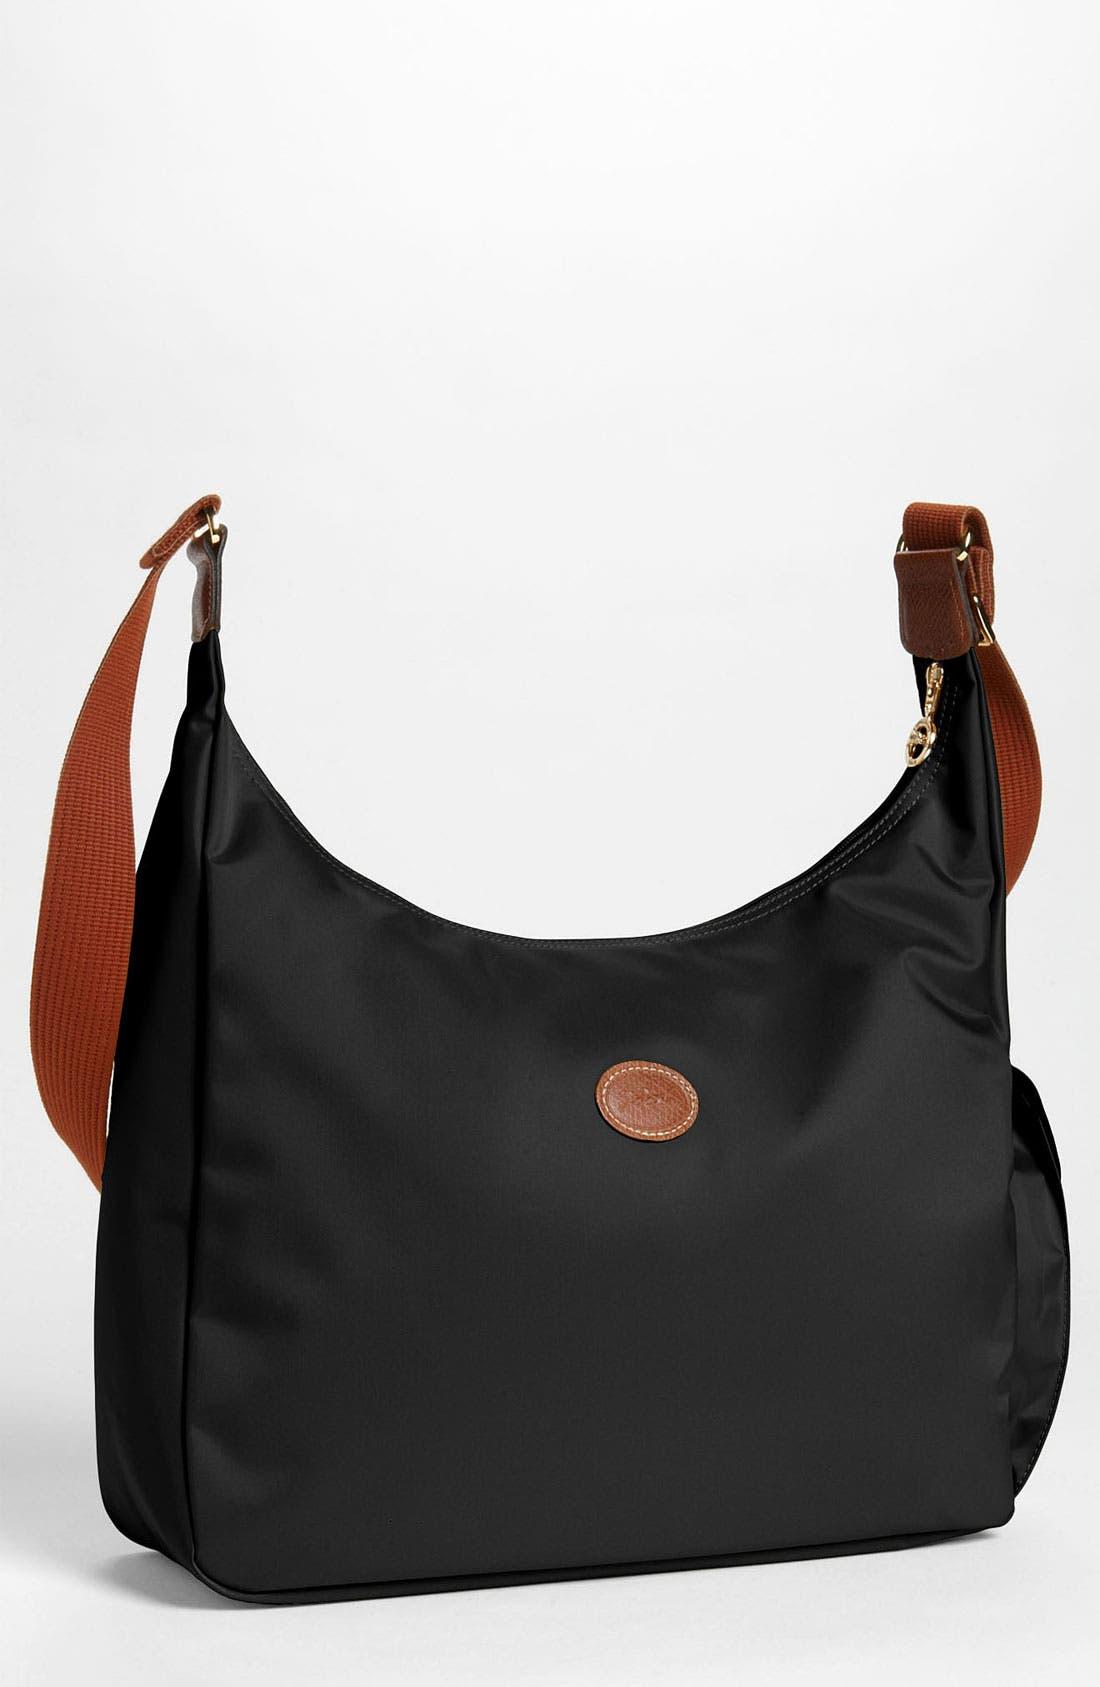 Alternate Image 1 Selected - Longchamp 'Le Pliage' Convertible Hobo